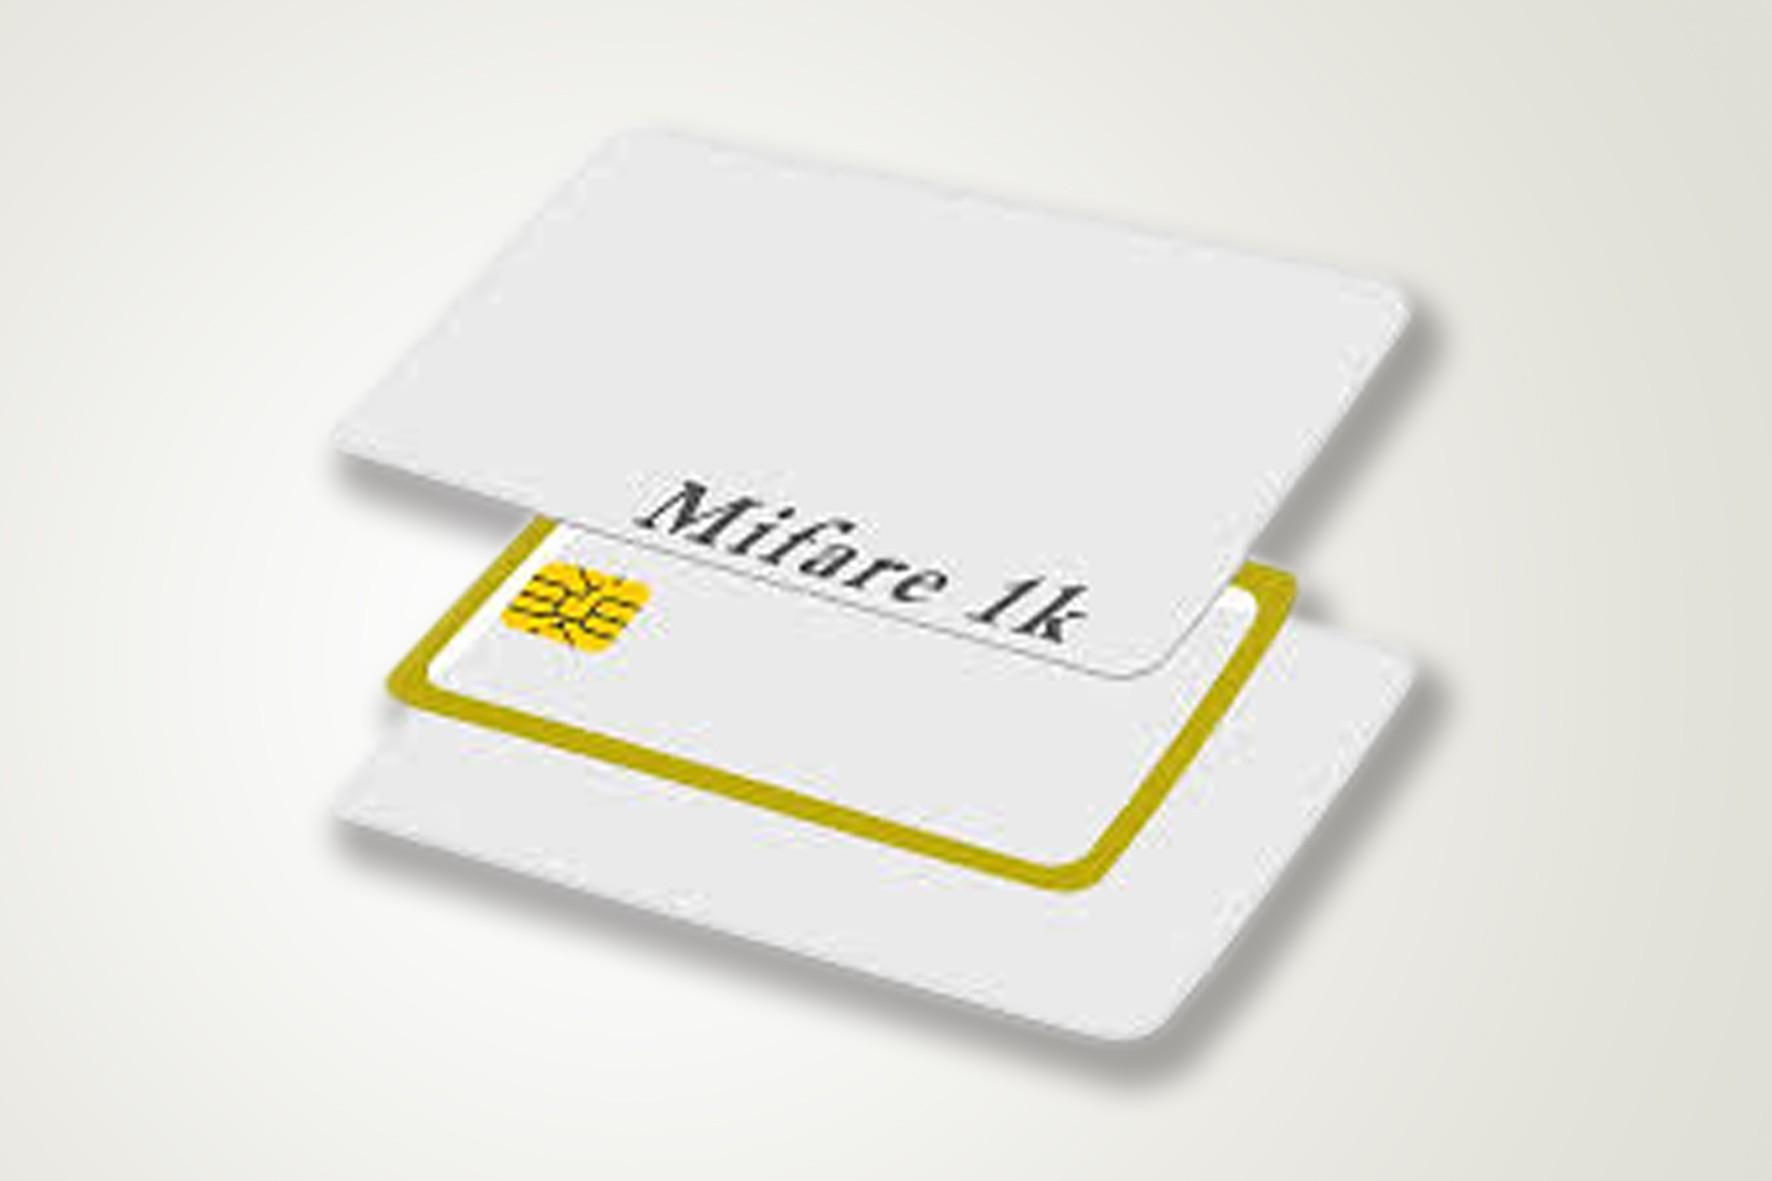 Cartões Mifare em Santo Amaro - Confecção de Cartões SP